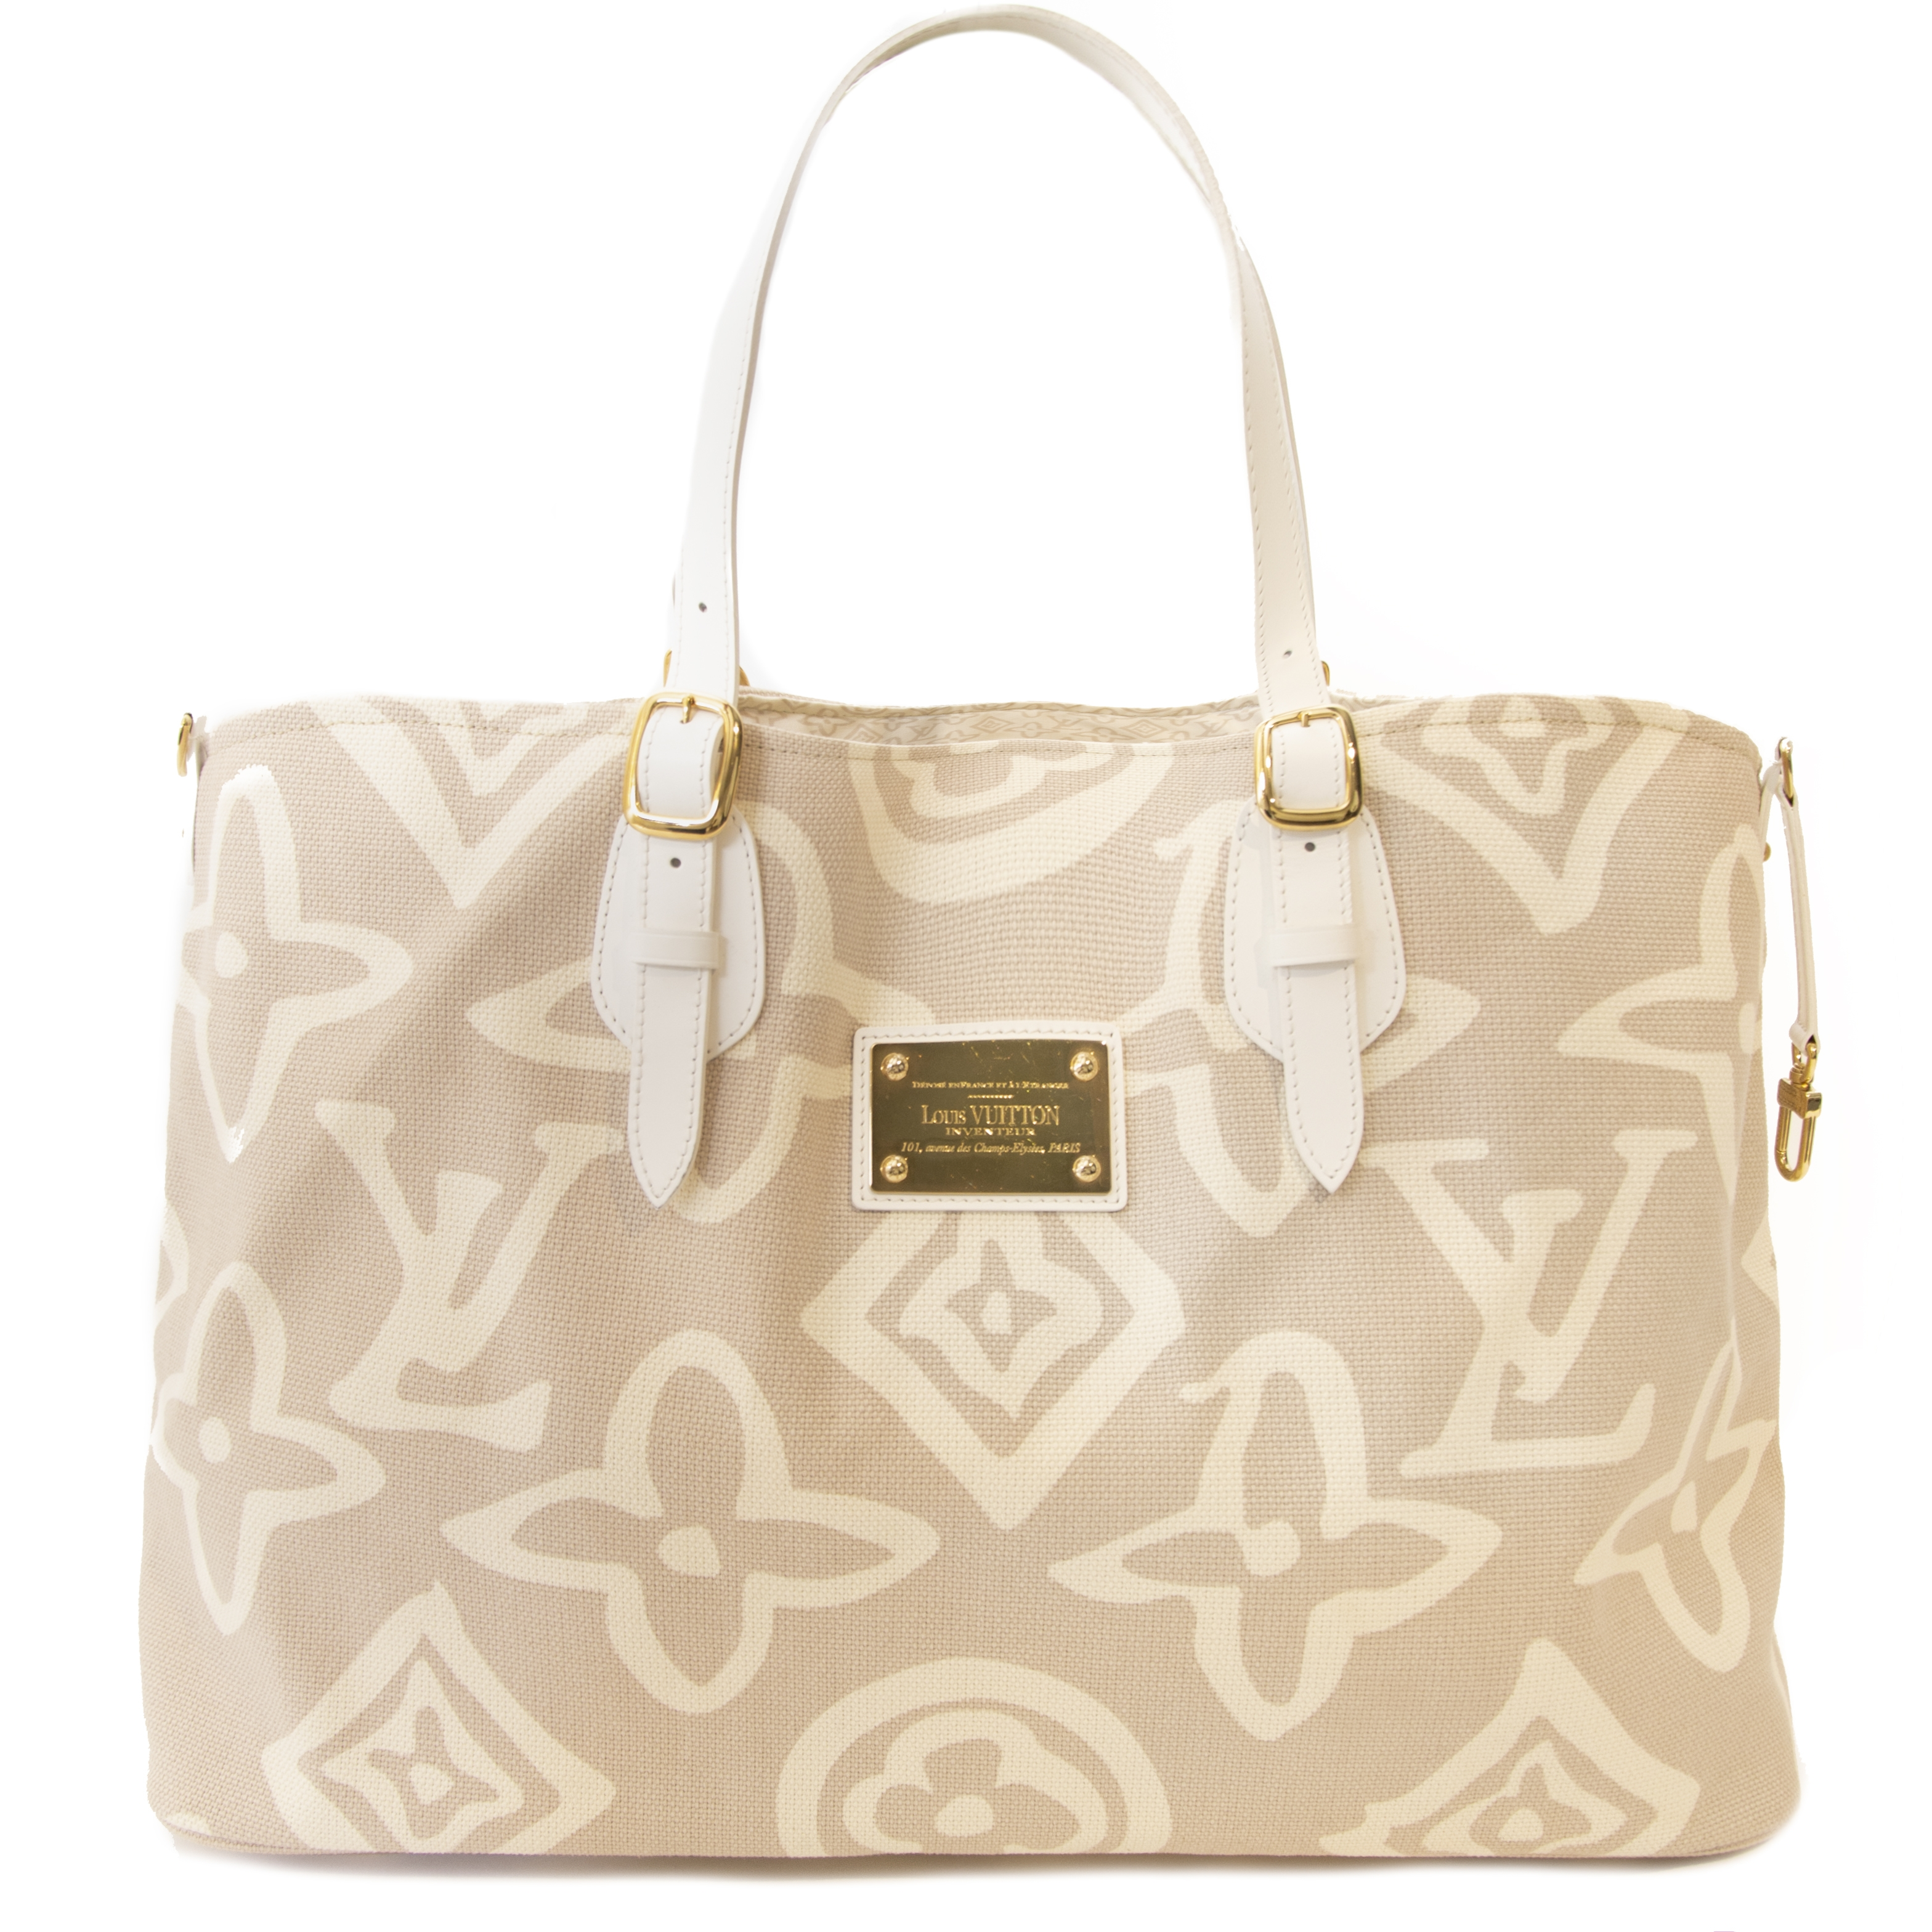 Labellov Shop Authentic Vintage Luxury Designer Handbags Online ... e2465a69d17eb